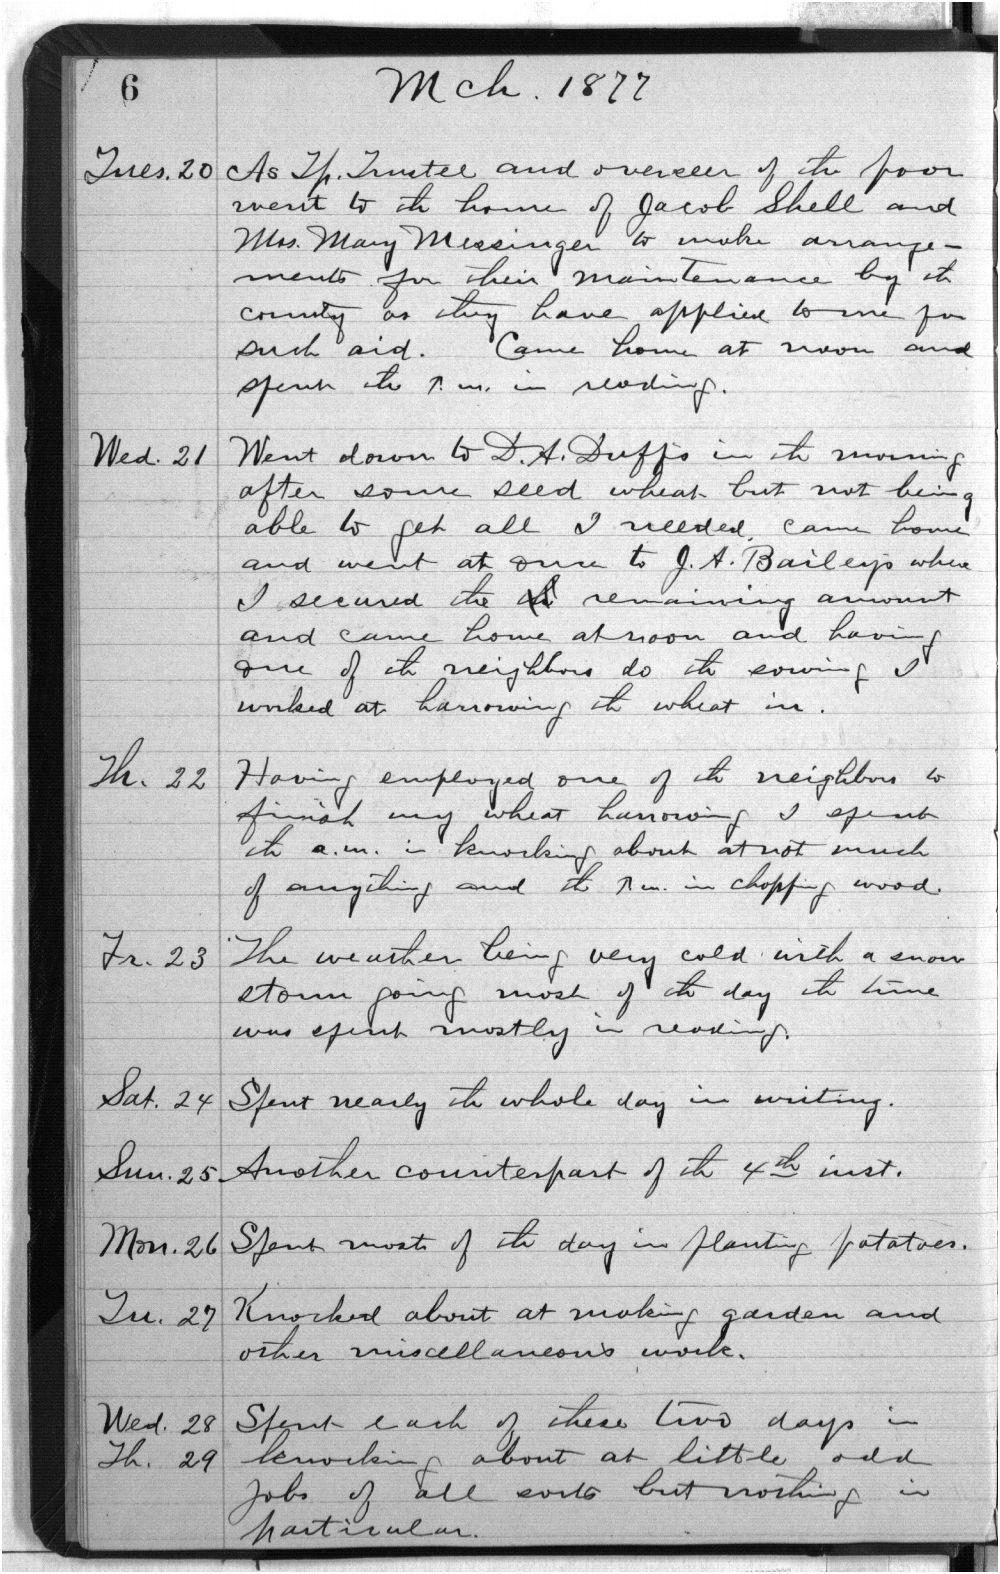 Elam Bartholomew diary - 6